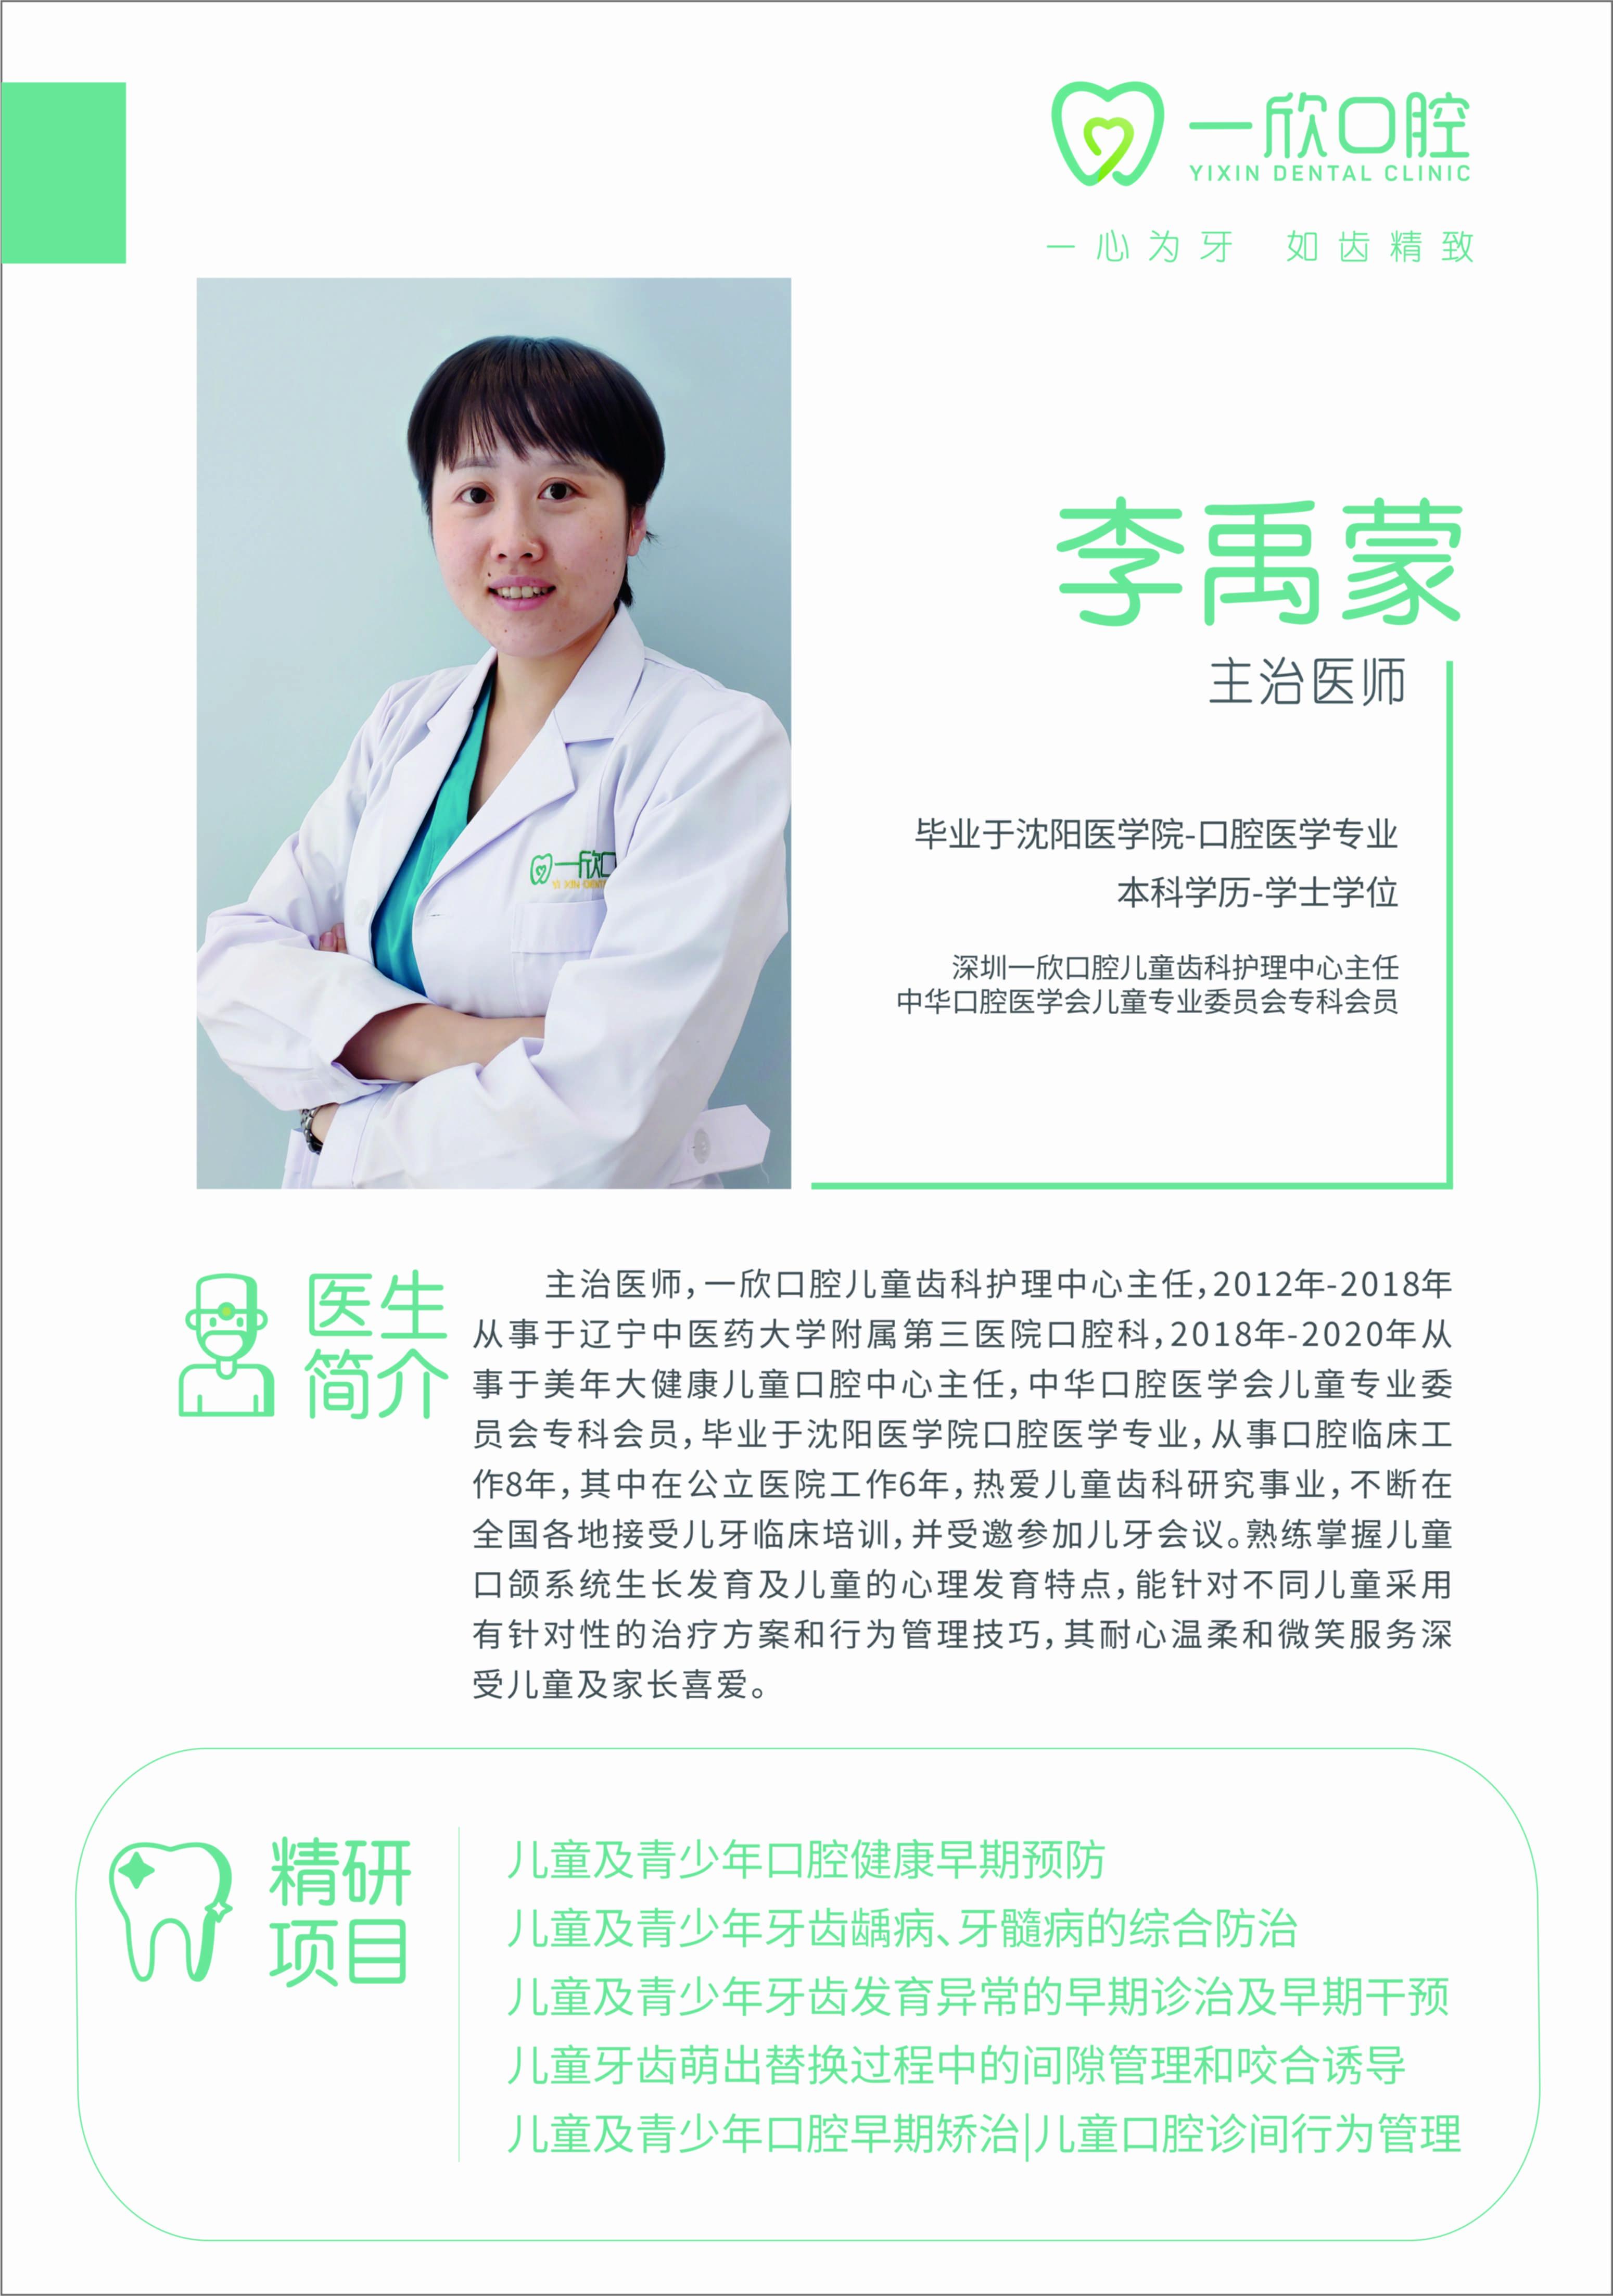 儿童齿科中心-李禹蒙